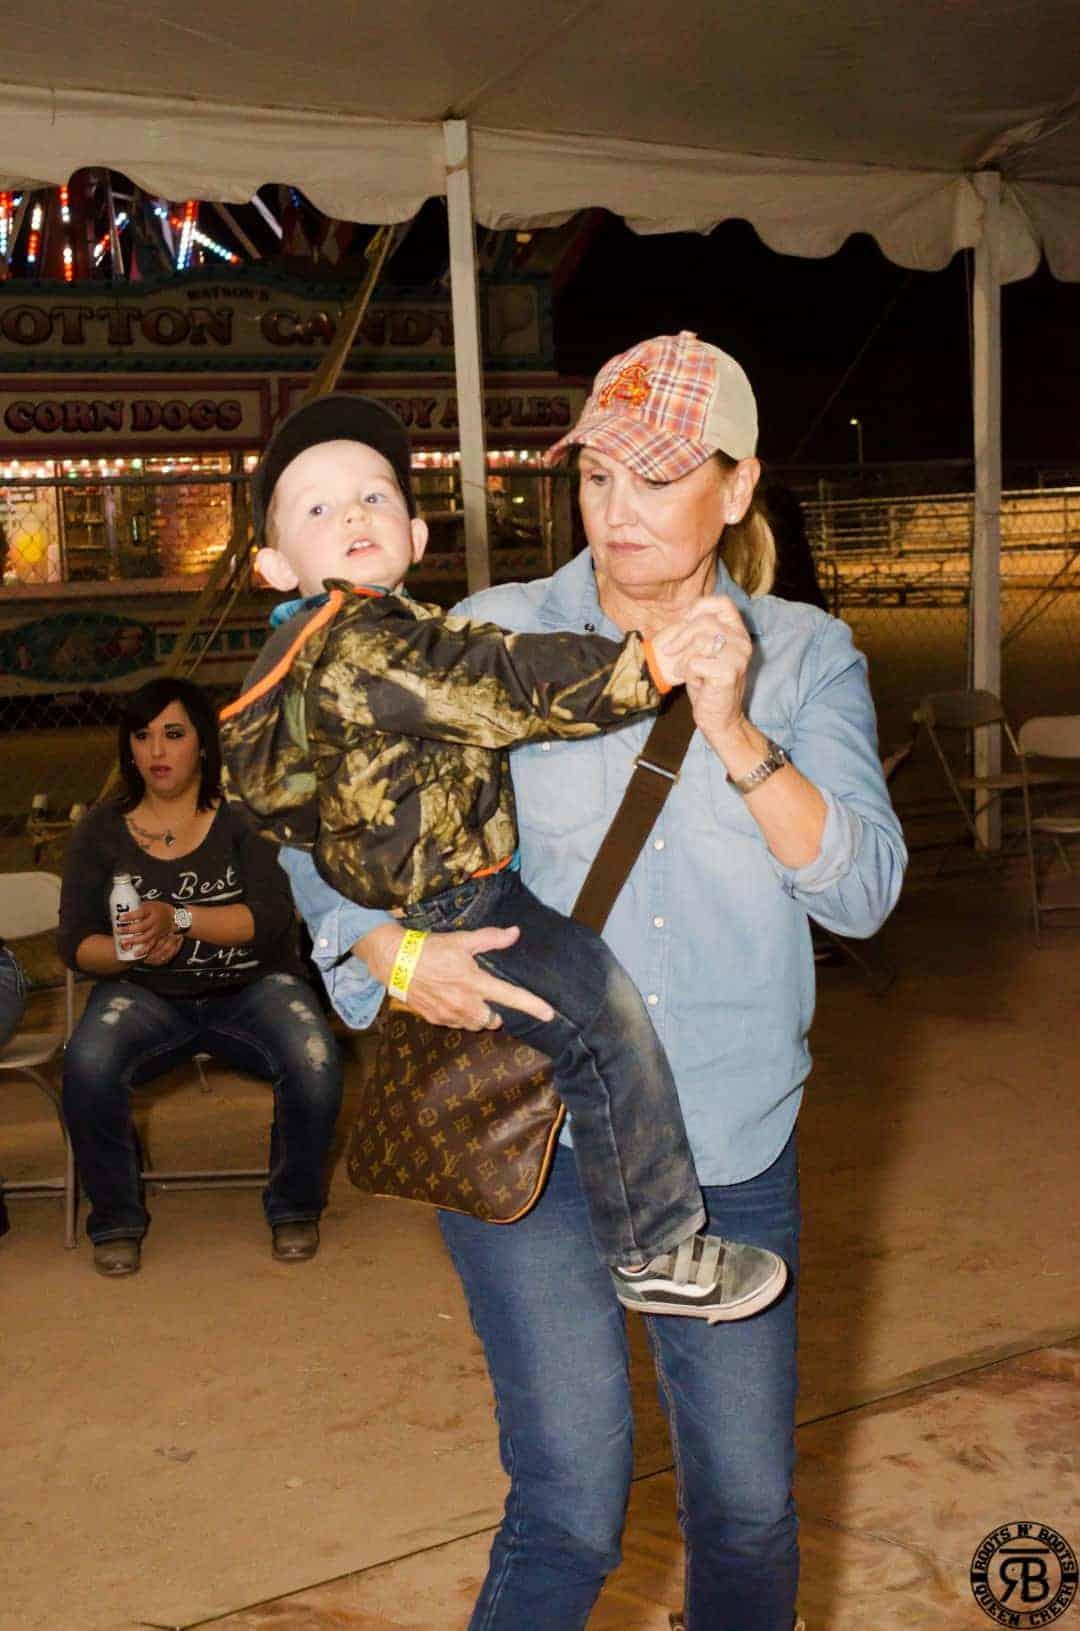 Rodeo Dance Roots N Boots Queen Creek